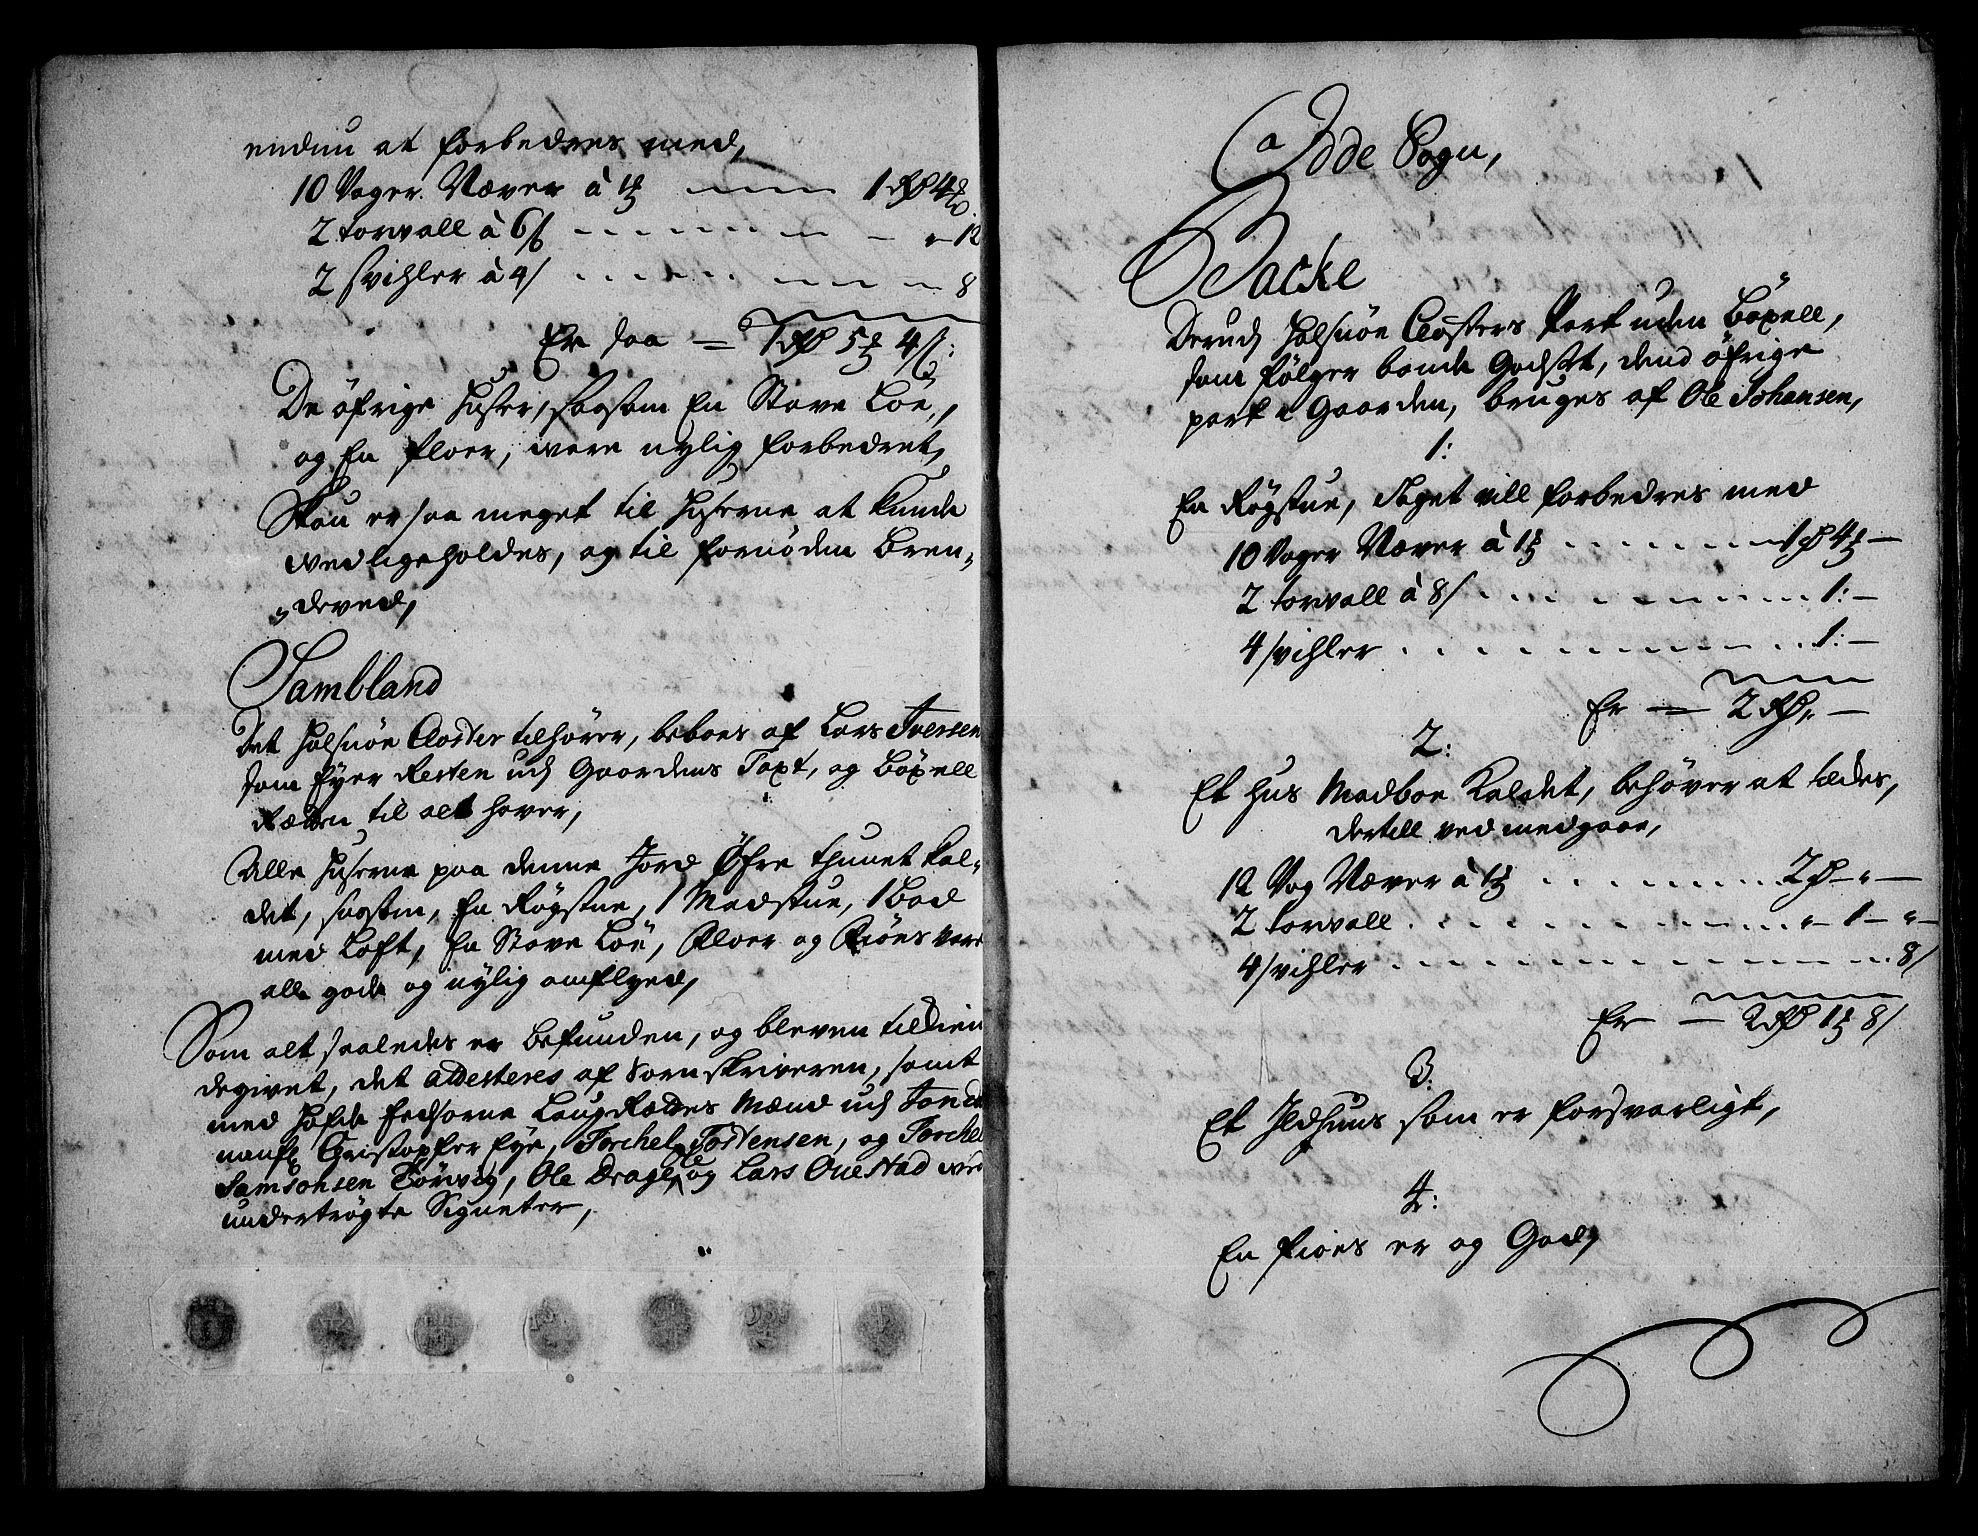 RA, Rentekammeret inntil 1814, Realistisk ordnet avdeling, On/L0003: [Jj 4]: Kommisjonsforretning over Vilhelm Hanssøns forpaktning av Halsnøy klosters gods, 1721-1729, s. 95